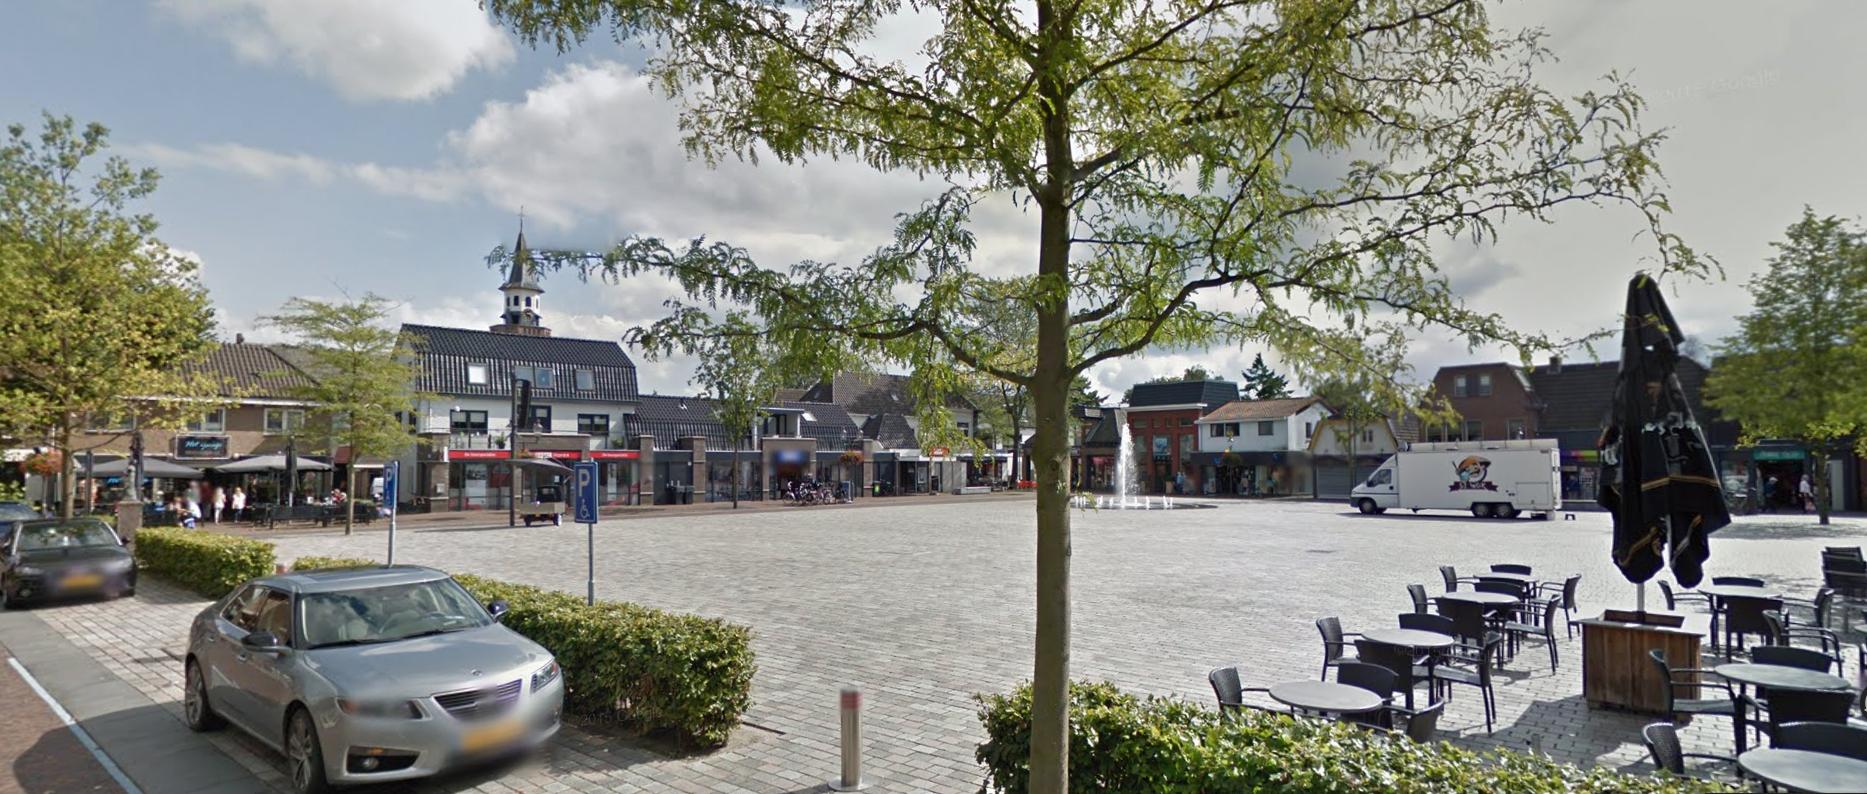 Afbeelding van het marktplein en winkels in het centrum van Nunspeet.